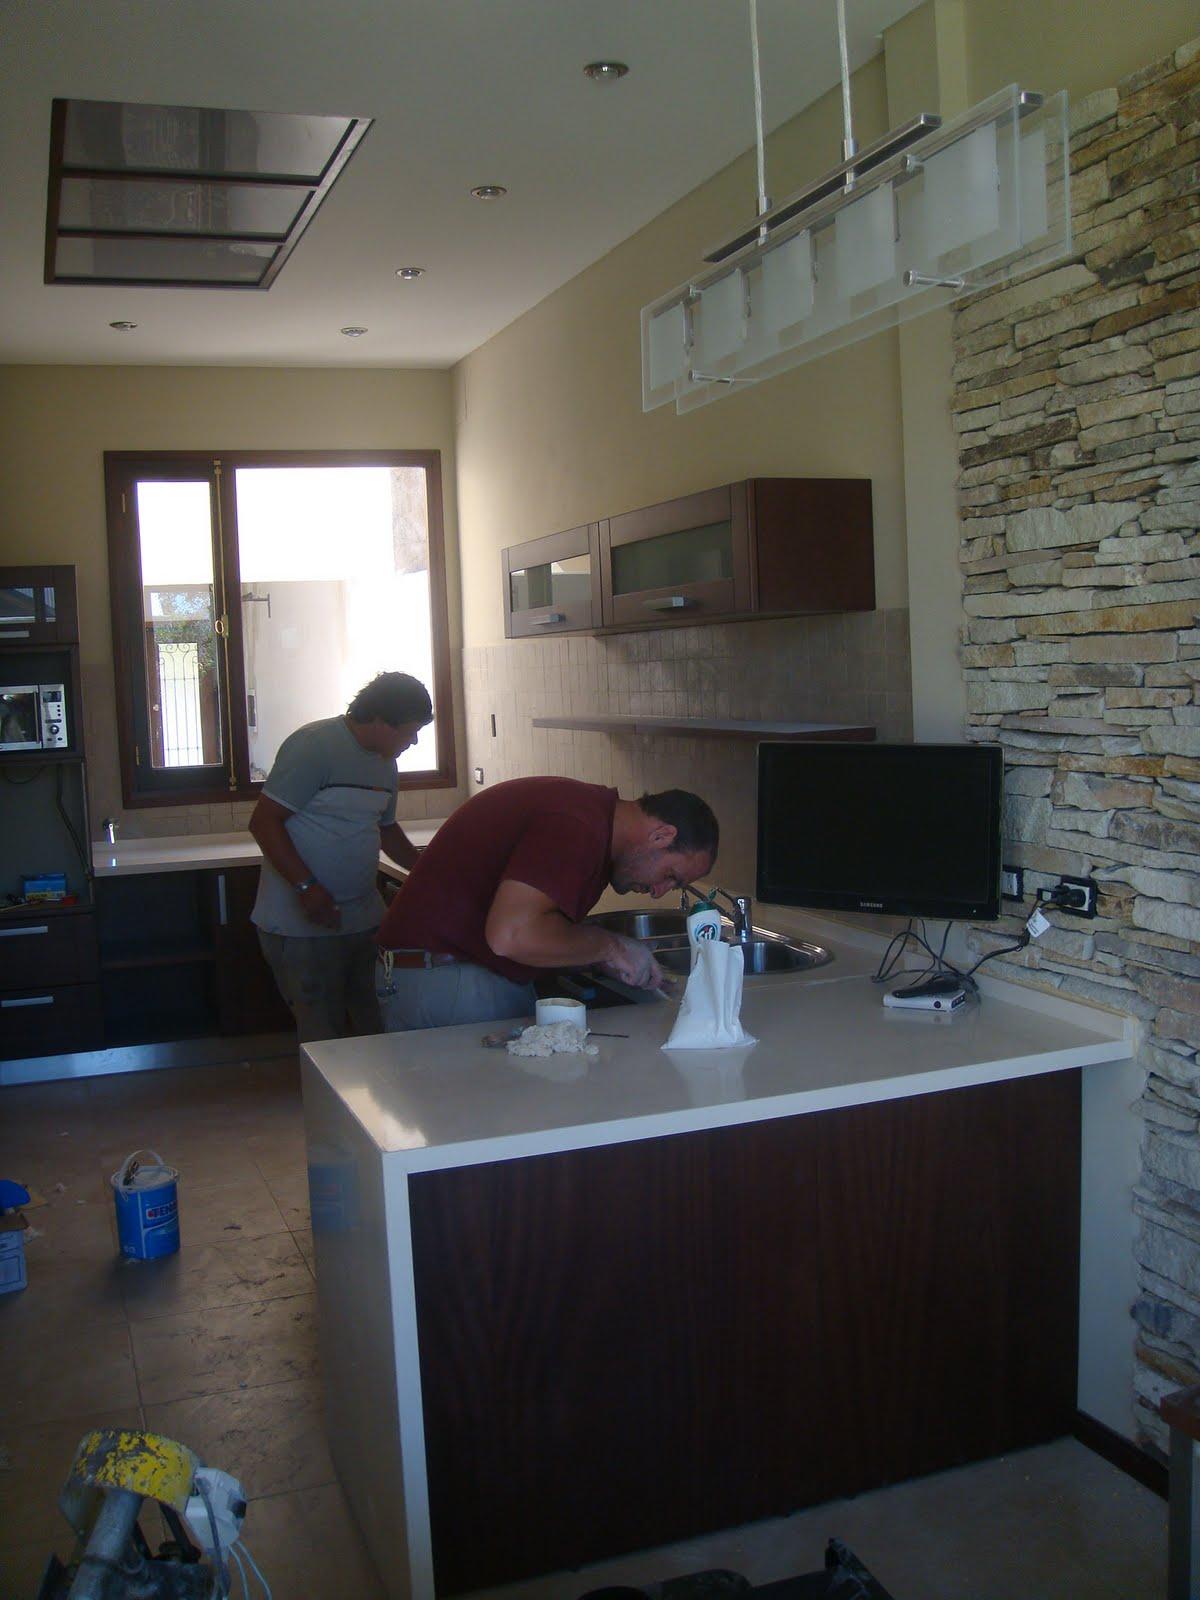 Arquitectura dise o cocina comedor espacio integrado for Cocina comedor integrados